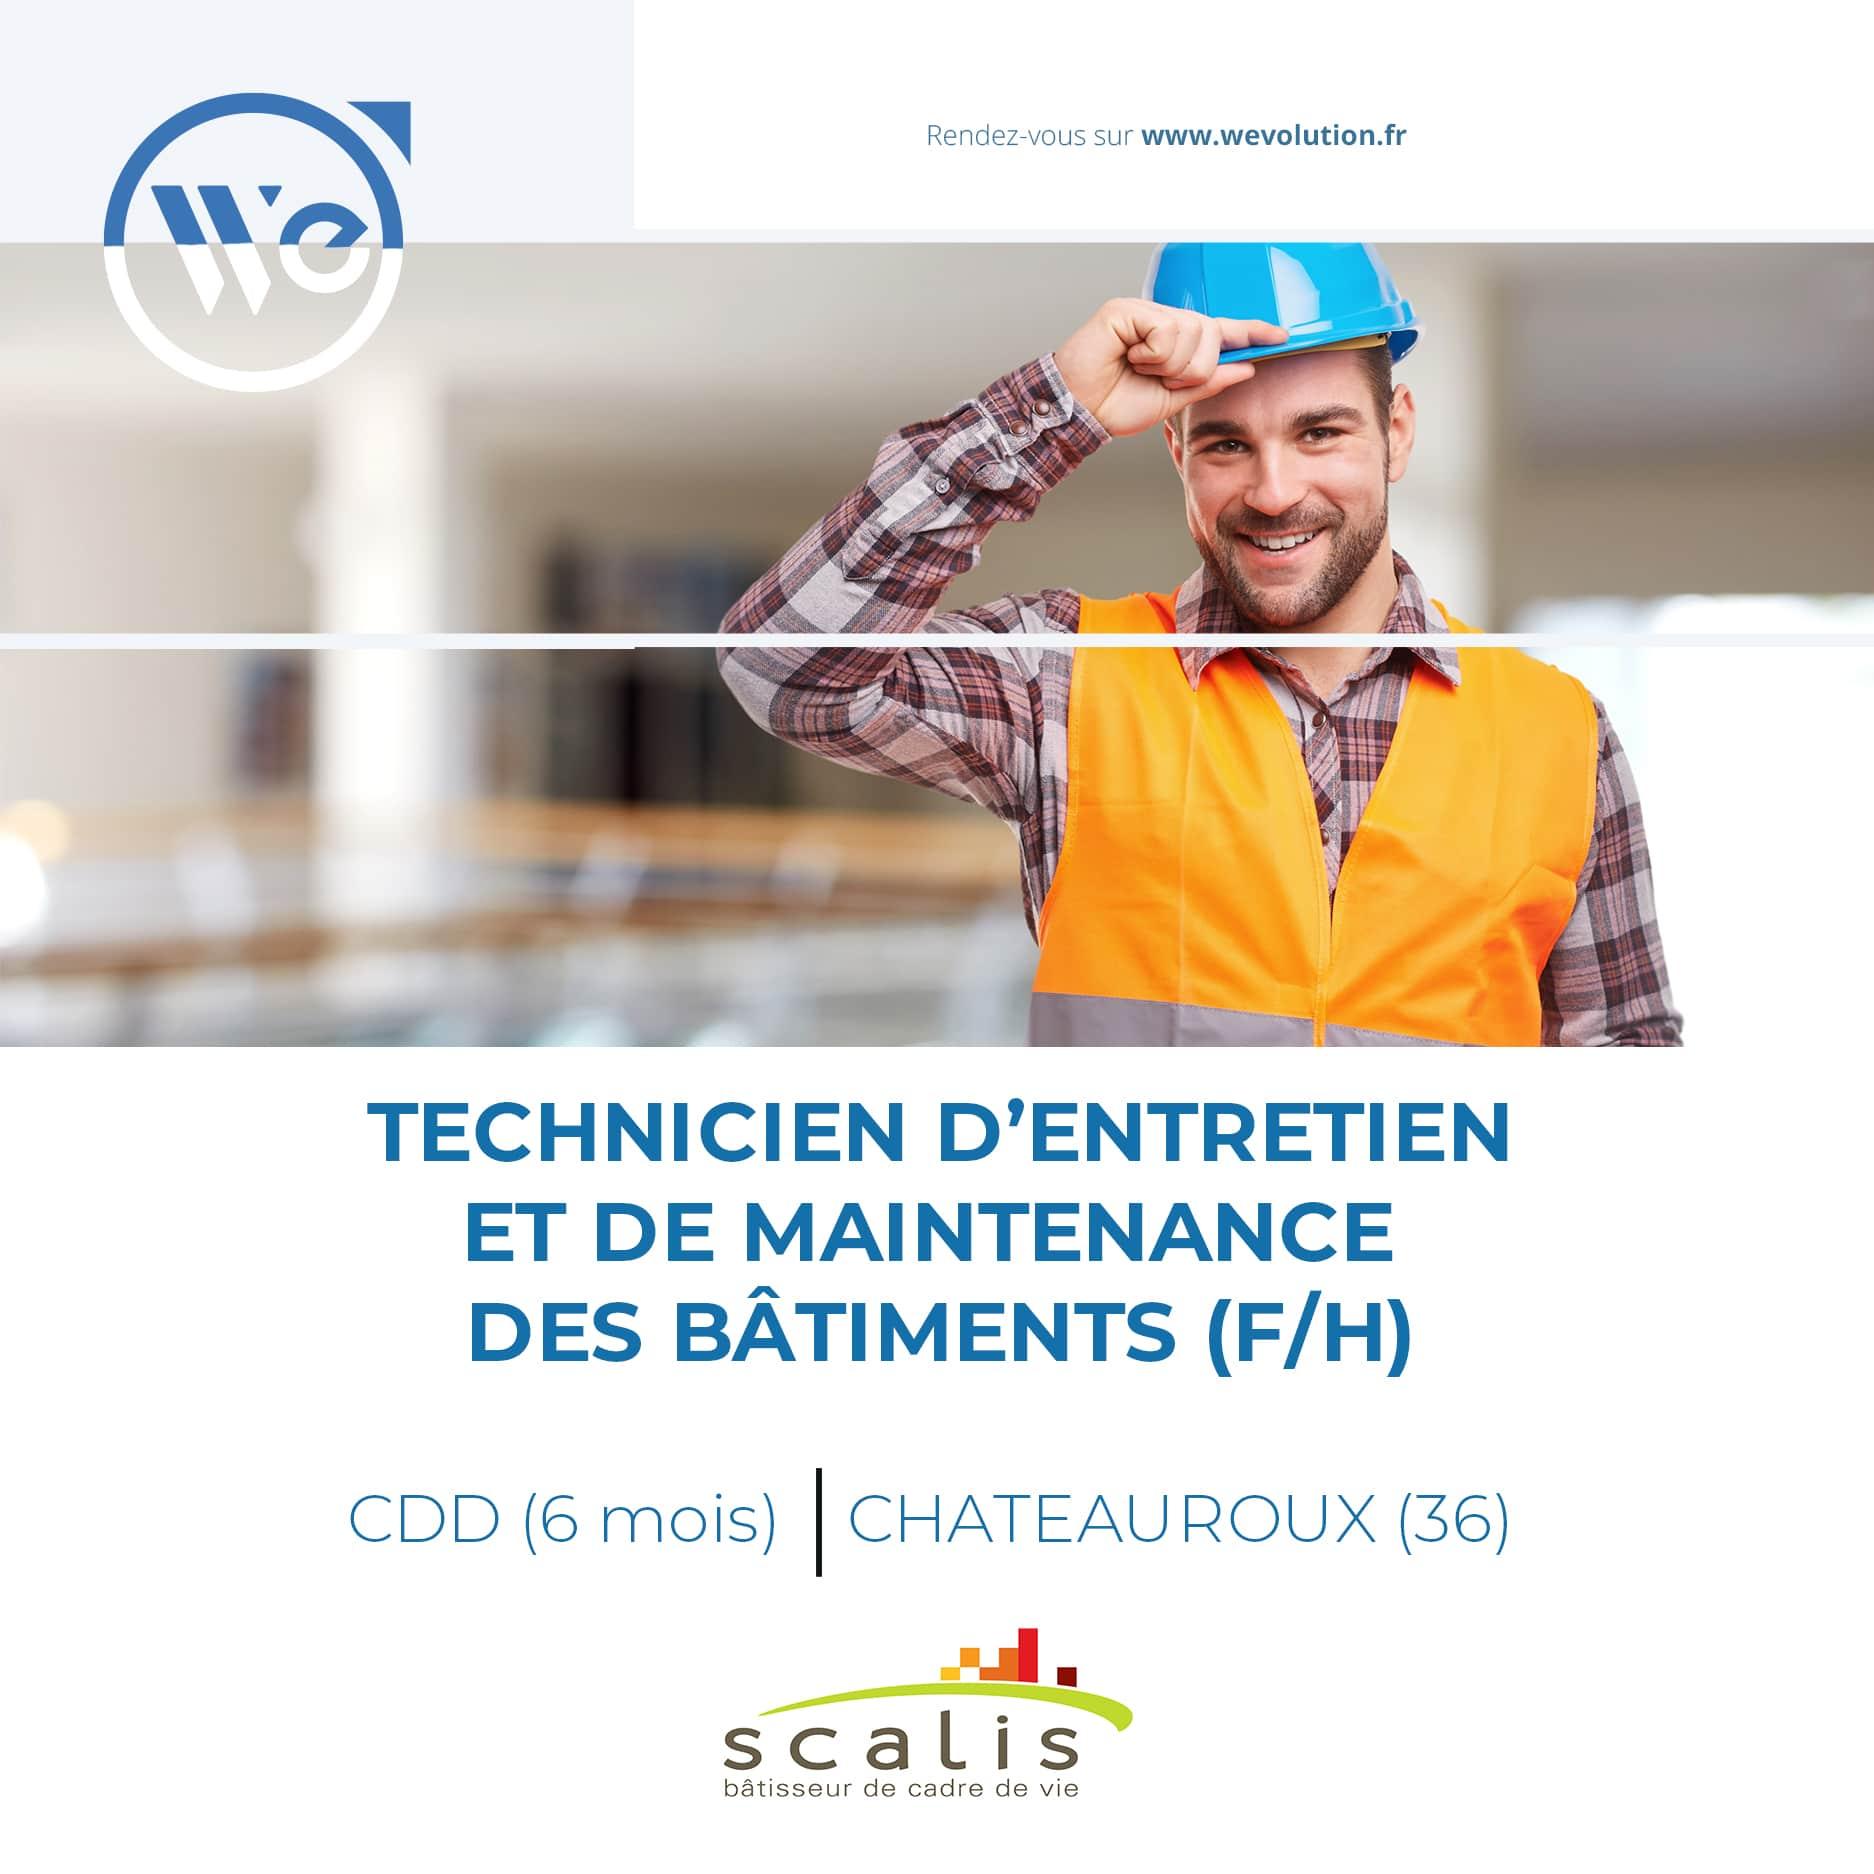 TECHNICIEN D'ENTRETIEN ET DE MAINTENANCE DES BATIMENTS (F/H) – scalis